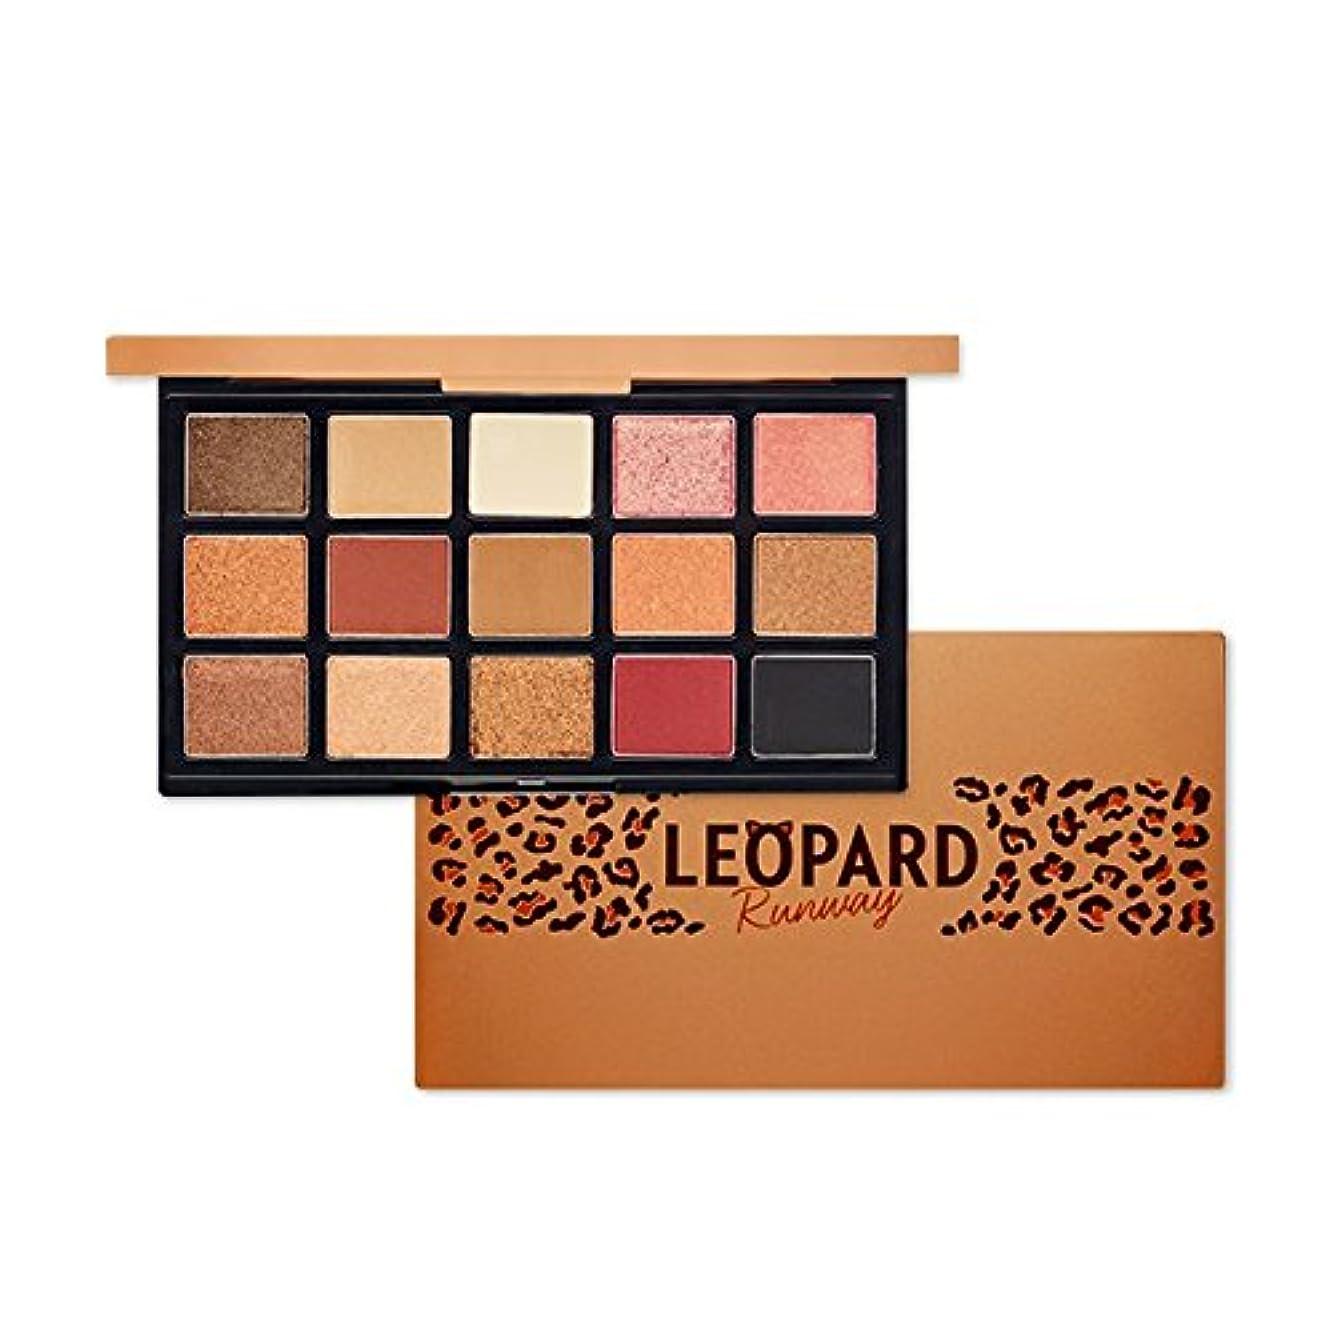 トークン絡み合いフレッシュETUDE HOUSE Play Color Eye Palette - Leopard Runway/エチュードハウスプレイカラーアイパレット - レオパードランウェイ [並行輸入品]